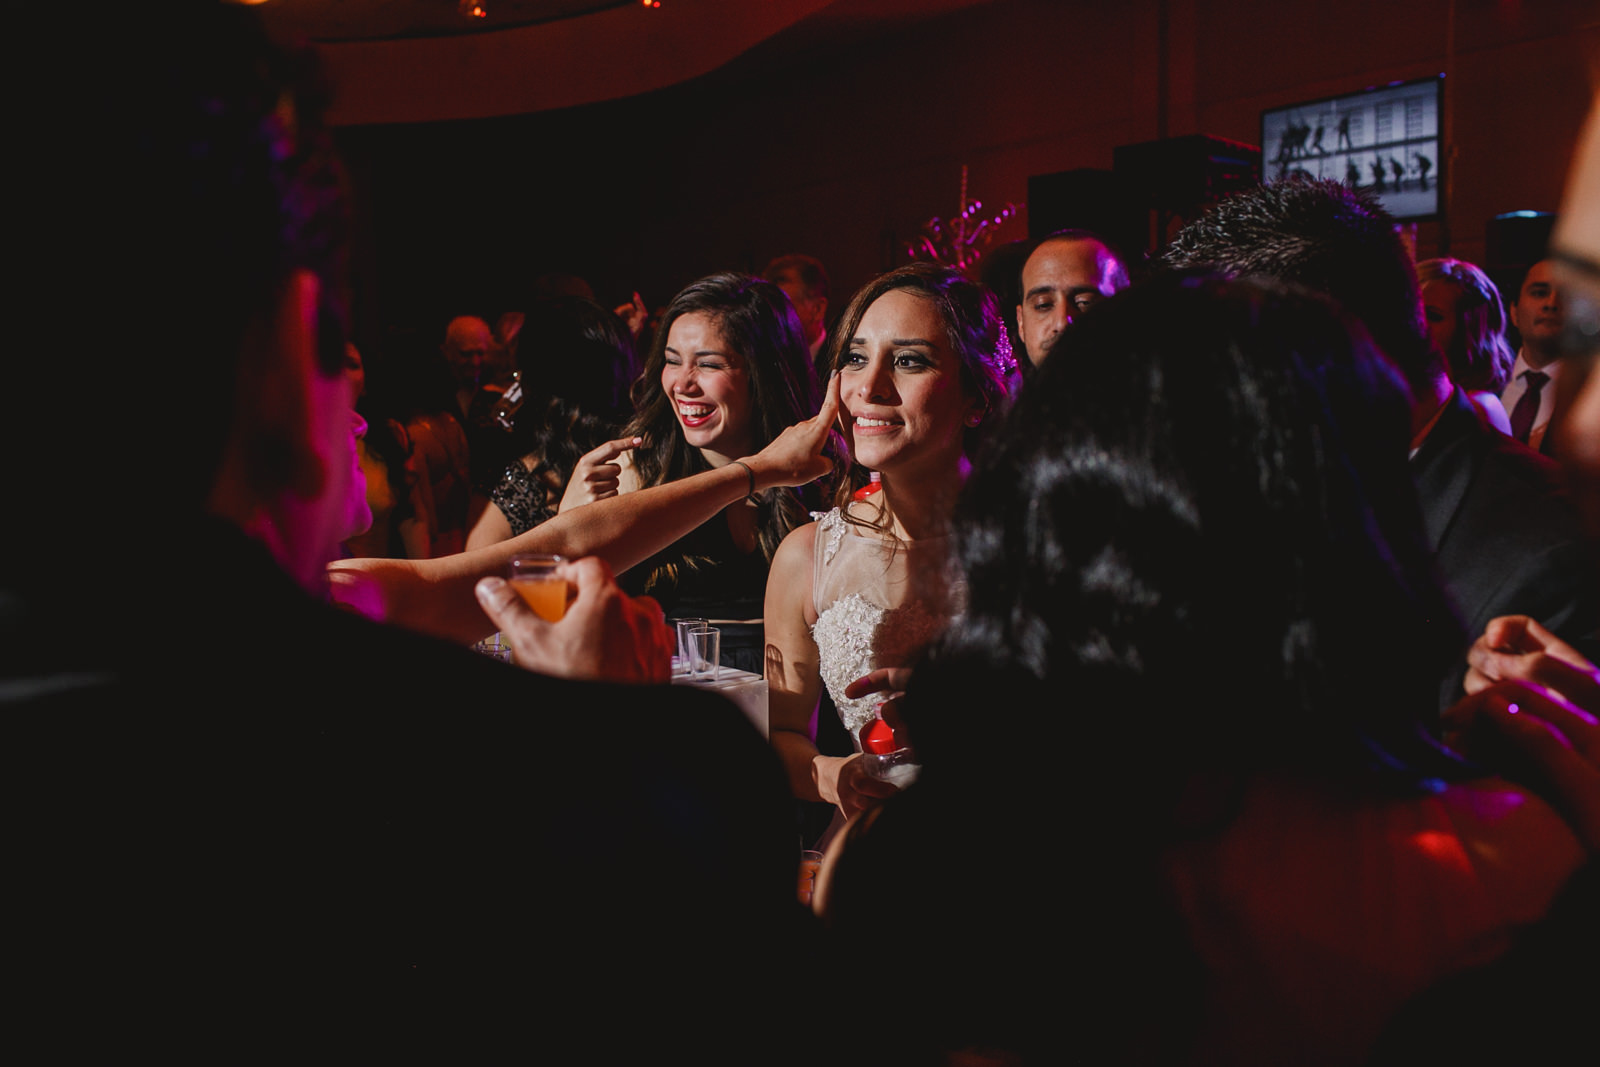 armando-aragon-fotografo-de-bodas-044